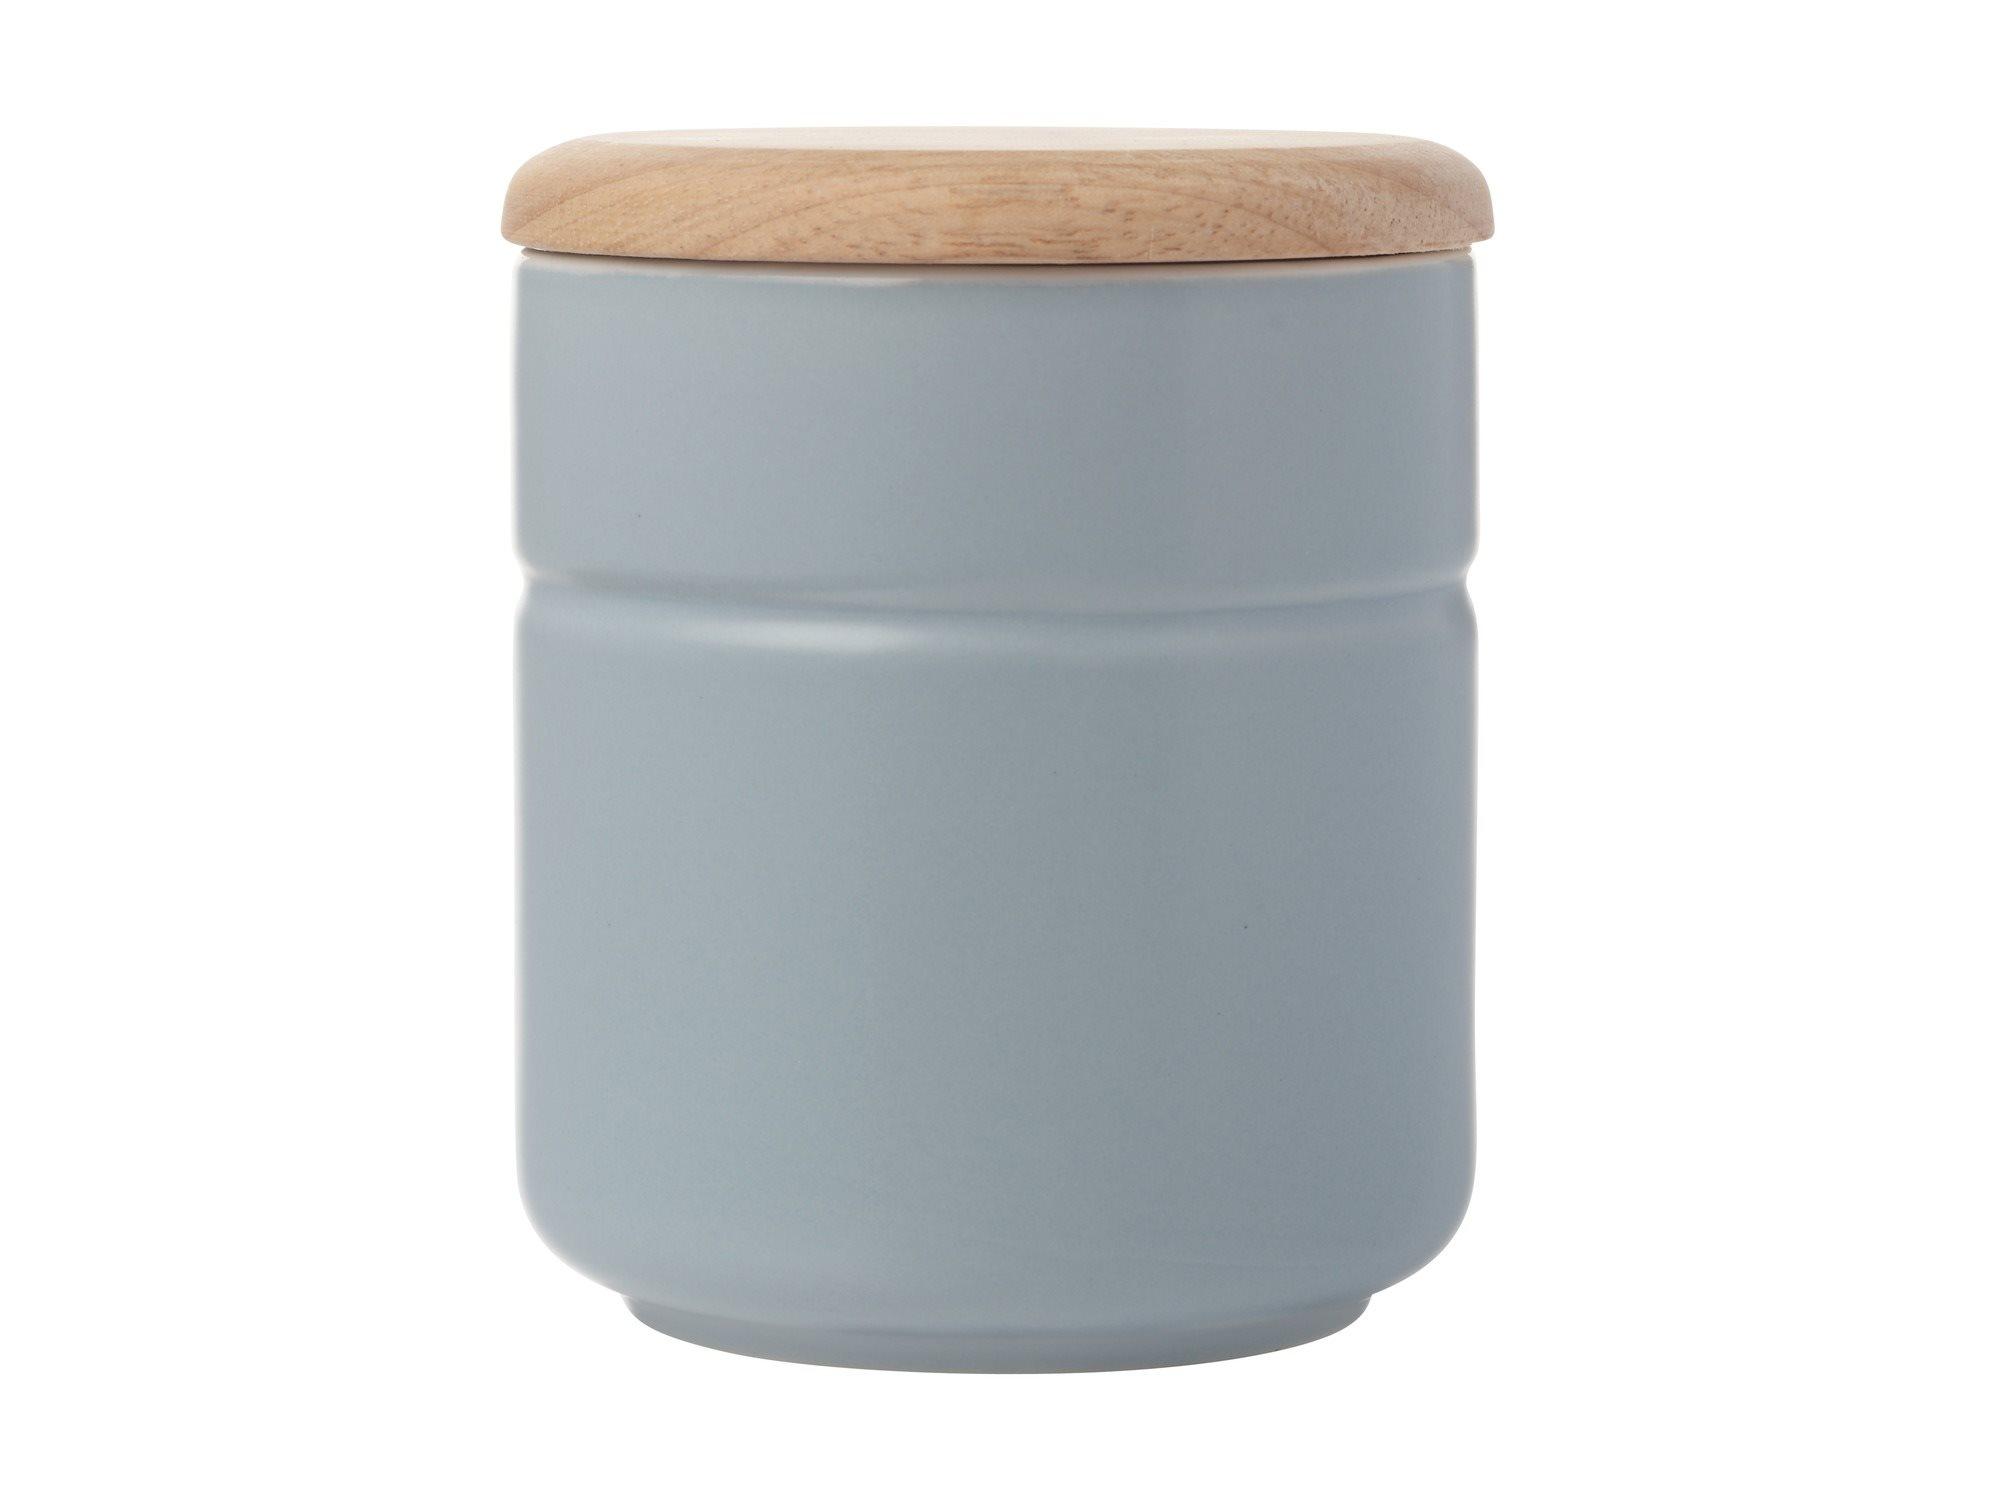 Maxwell & Williams Δοχείο Γαλάζιο Κεραμικό Tint 600ml